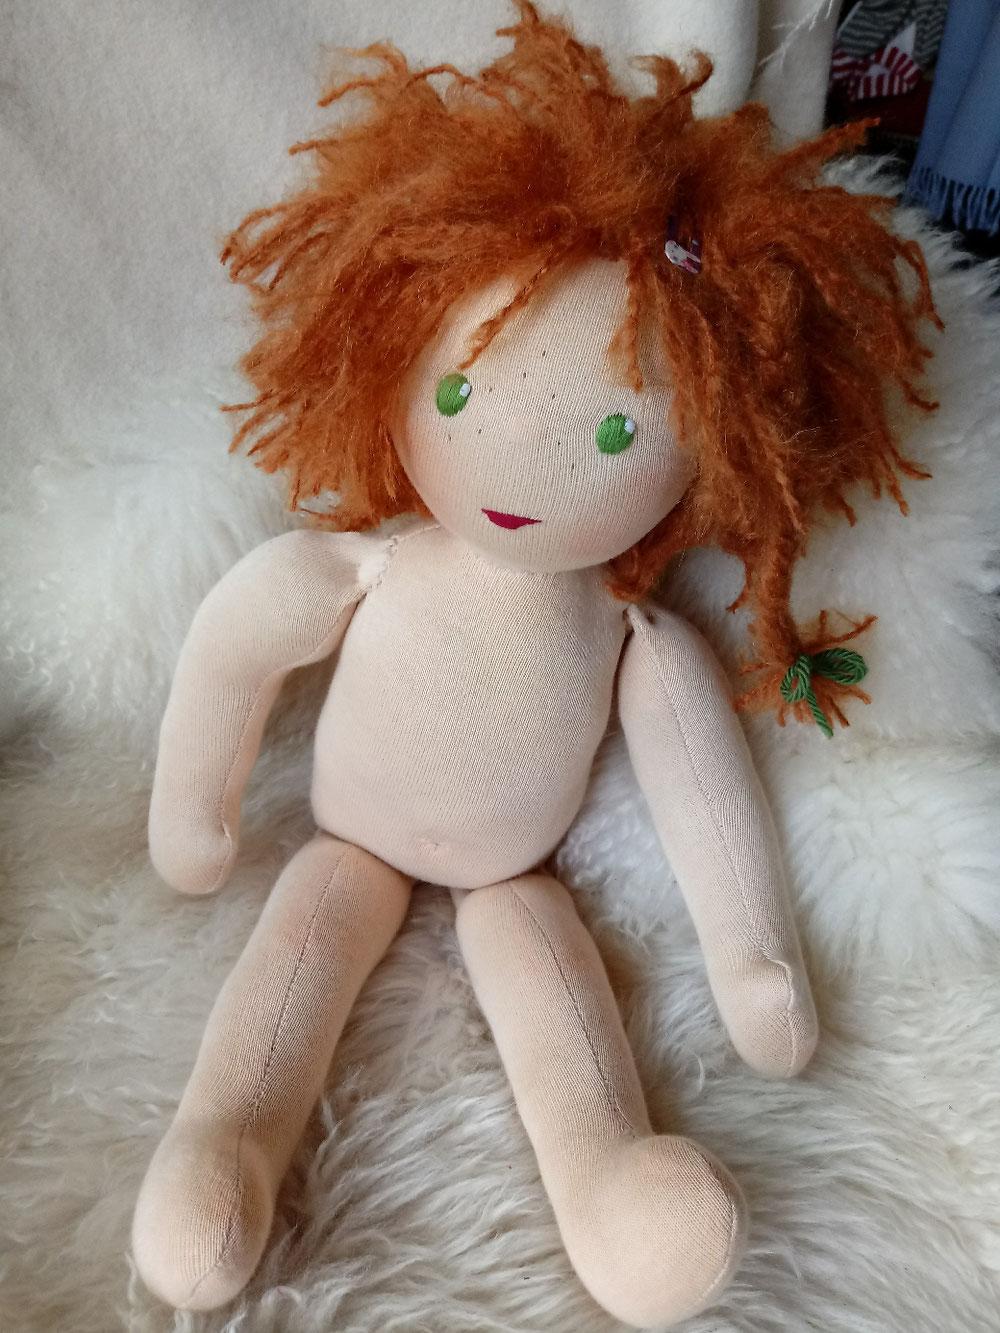 Bio-Stoffpuppe, individuelle Puppe passend zum Kind, Waldorfart, unisex. große Puppe, Empowerment, genderneutral, Erziehung, Wunschpuppe, ökologische Kinderpuppe, bio-fair, ökofairliebt, Selbstakzeptanz bei Kindern stärken, Naturmaterial, Puppenhandwerk